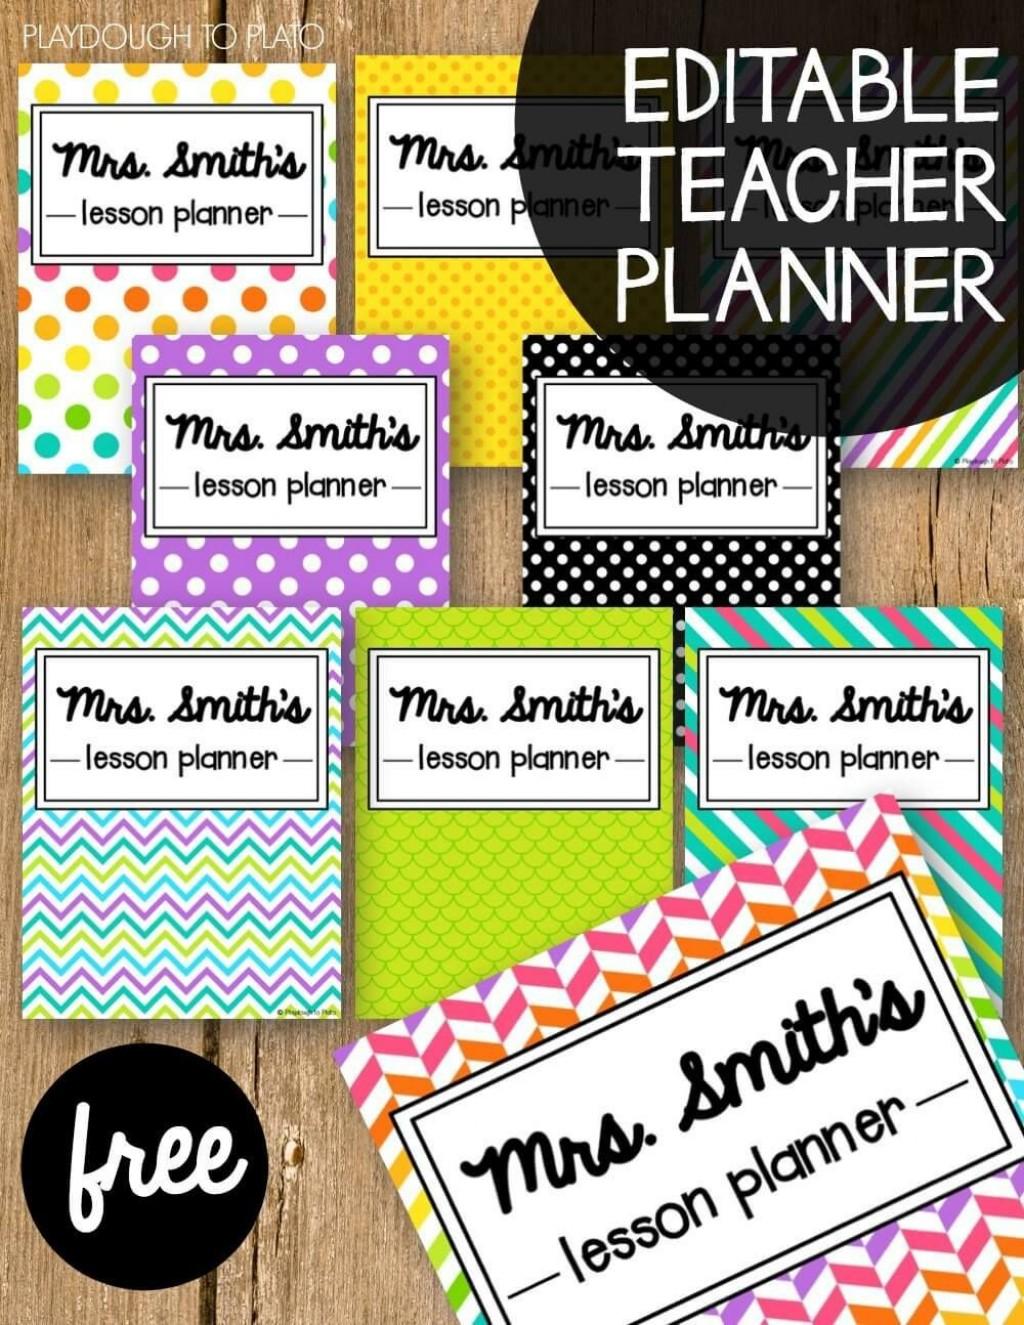 001 Simple Free Printable Teacher Binder Template Idea  TemplatesLarge